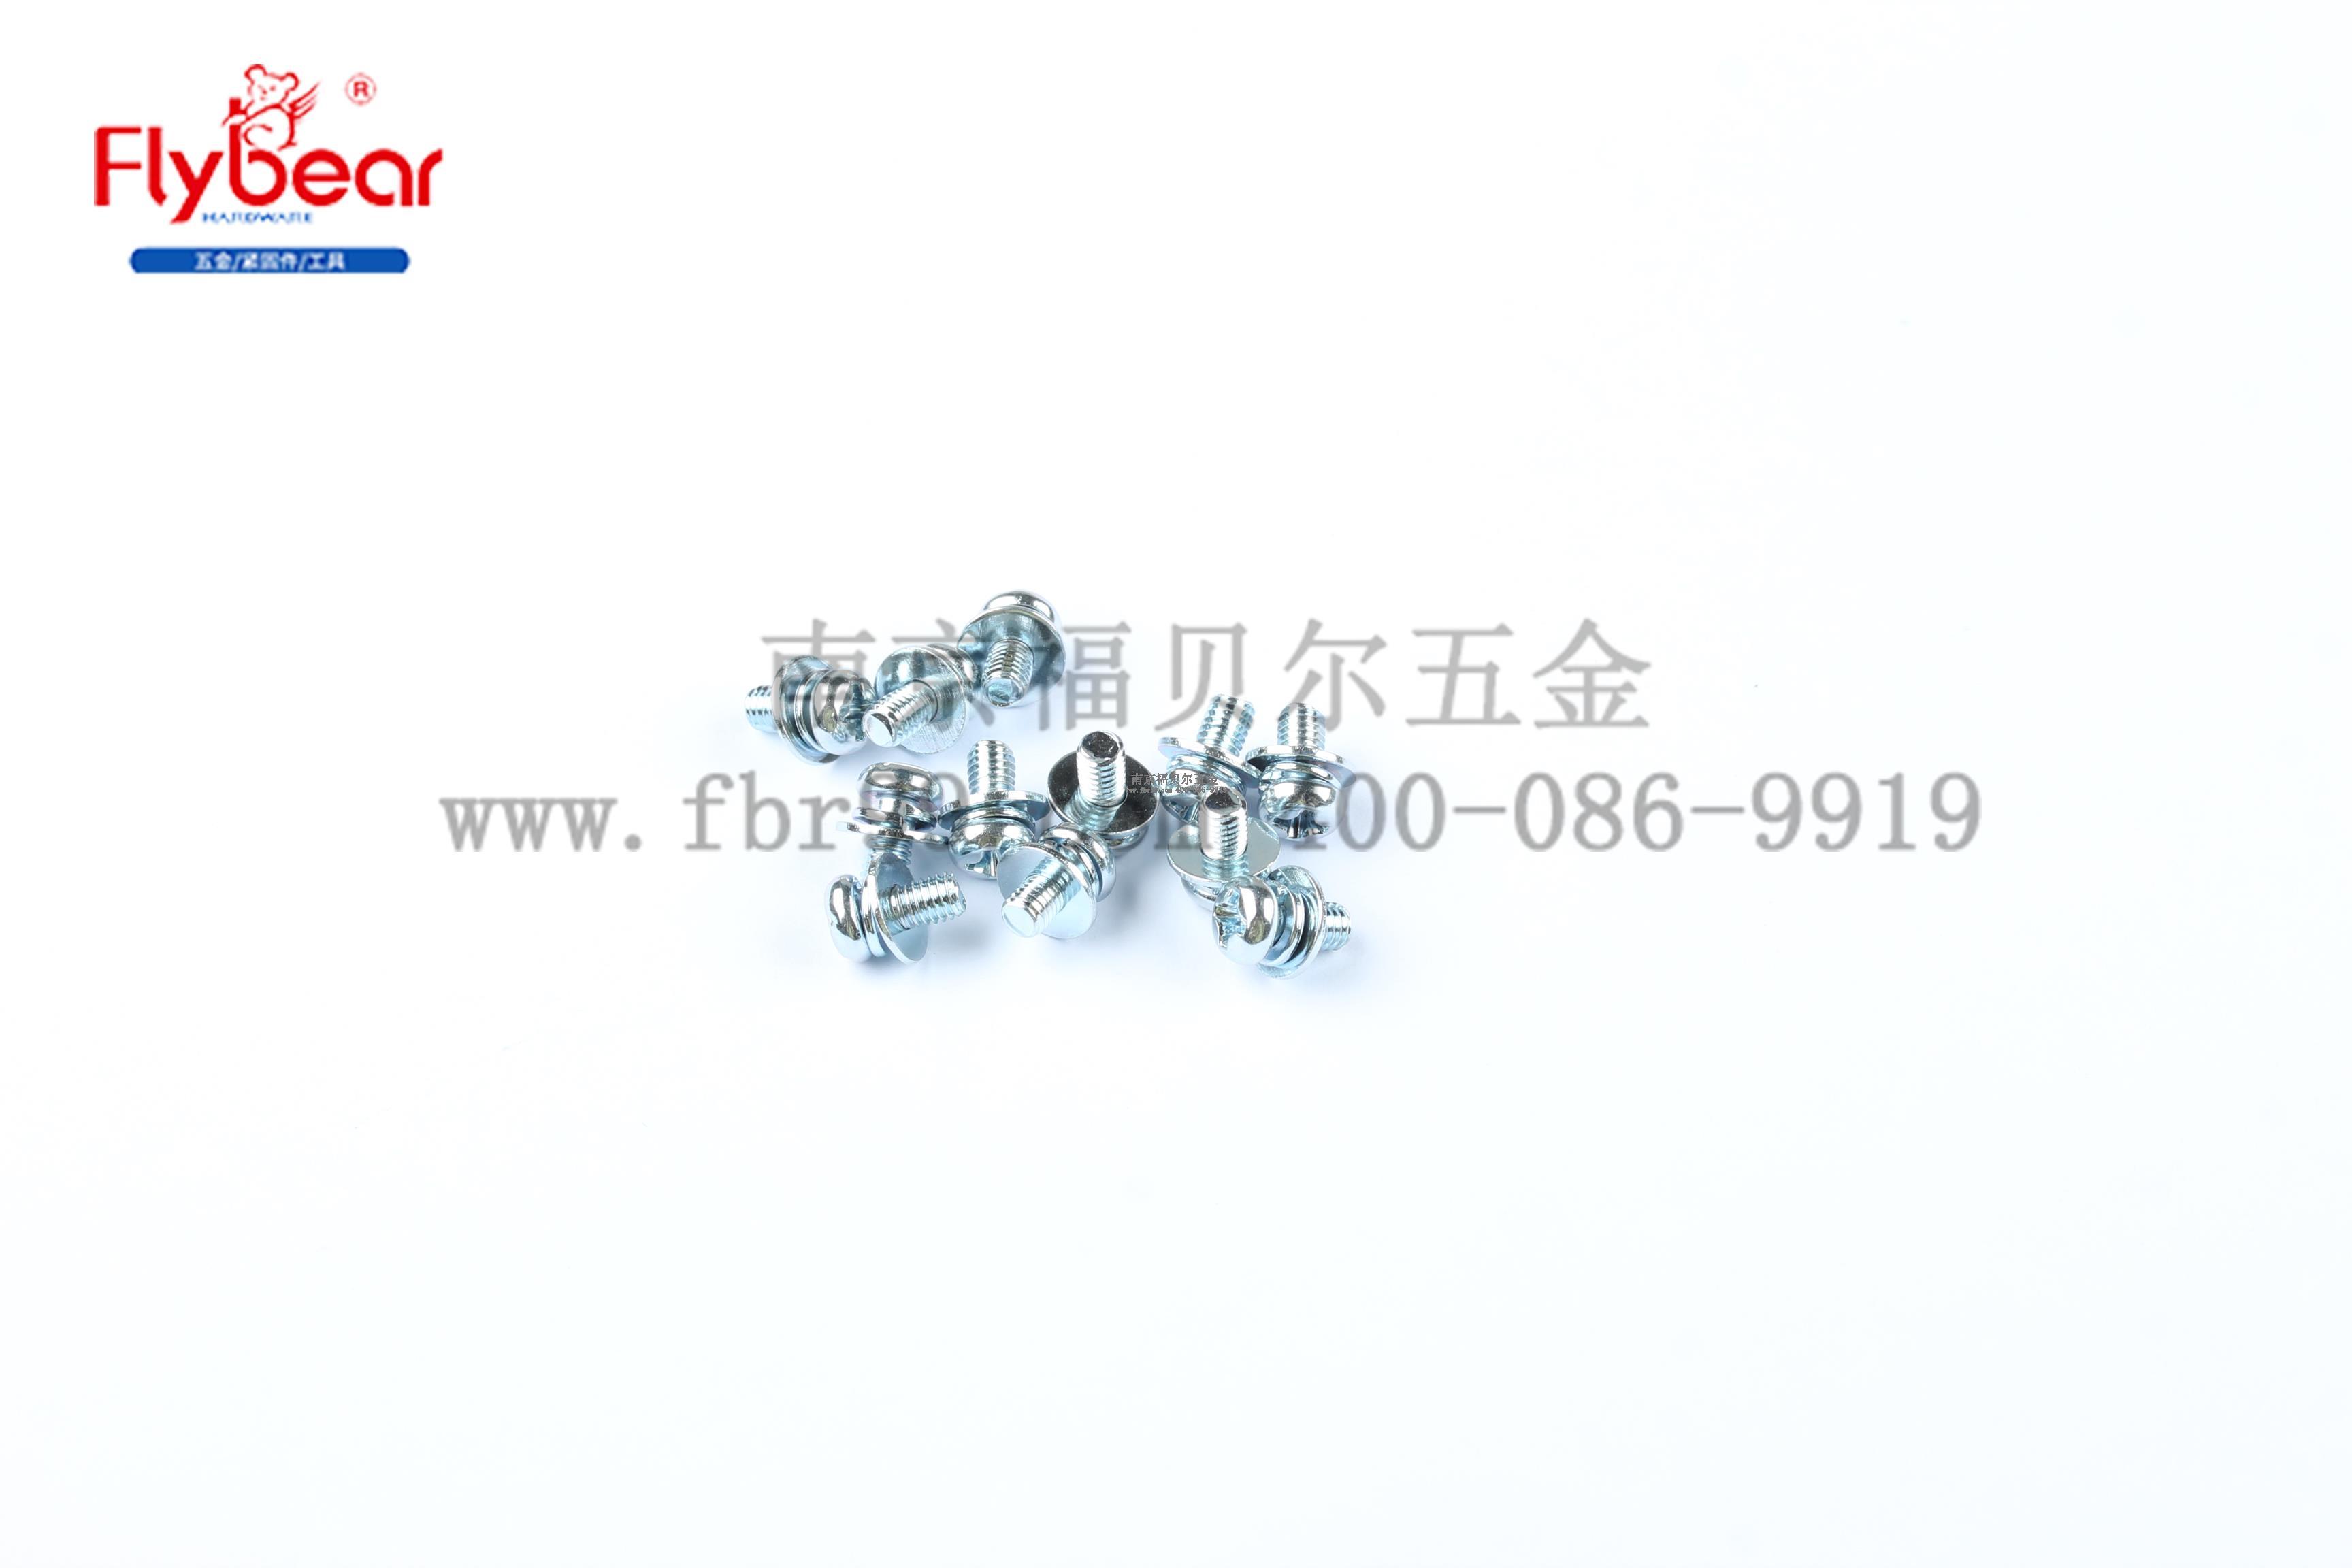 GB9074.8十字槽#2小盘头平弹垫组合螺钉碳钢4.8级镀环保蓝白锌96H